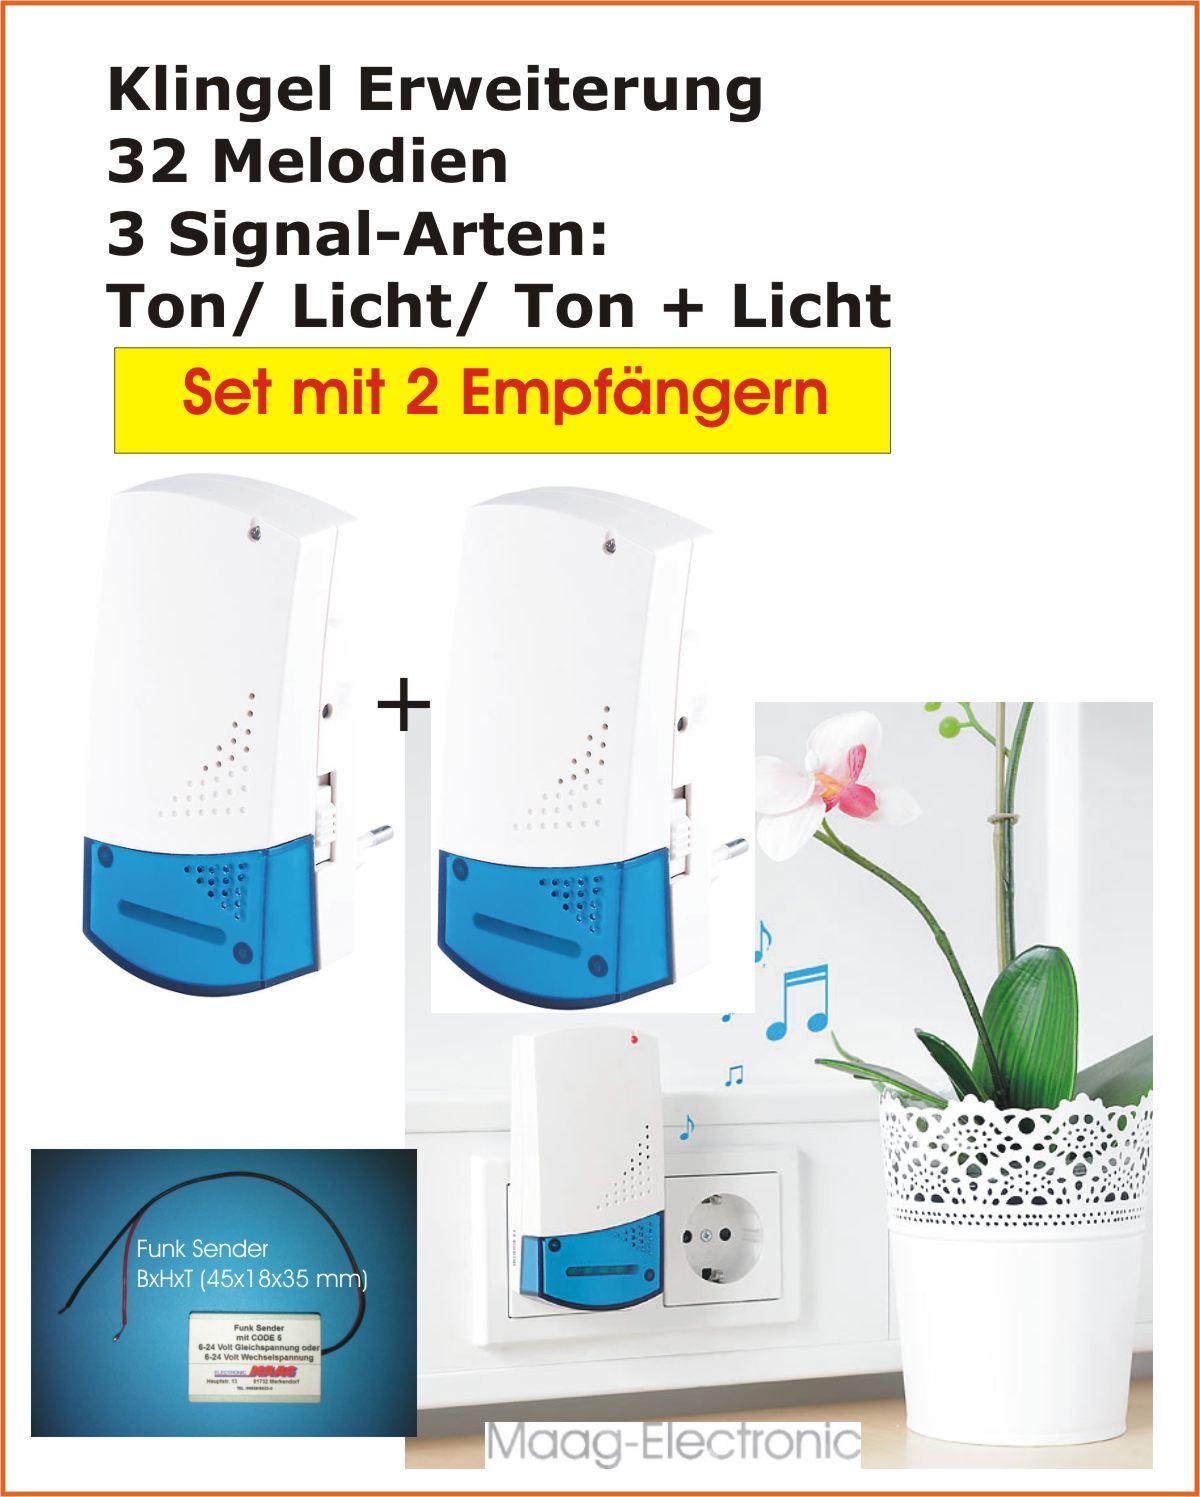 megashop365.de - Klingel Erweiterung per Funk Set mit 2 Empfänger !